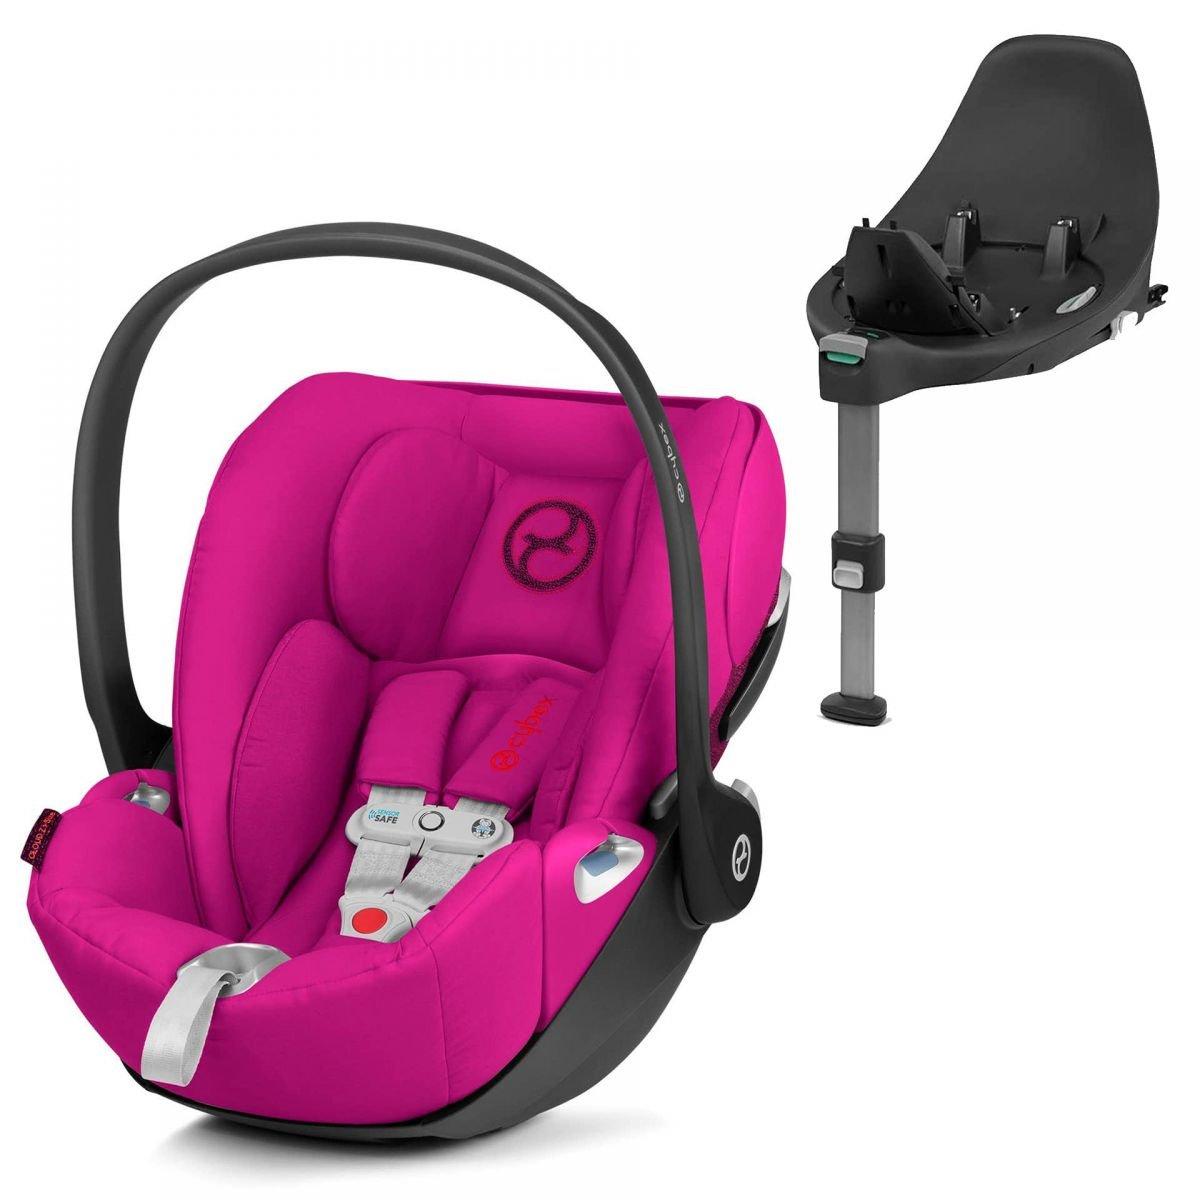 Cybex Cloud Z I-Size + ISOFIX Base Passion Pink Bērnu autosēdeklis 0-13 kg